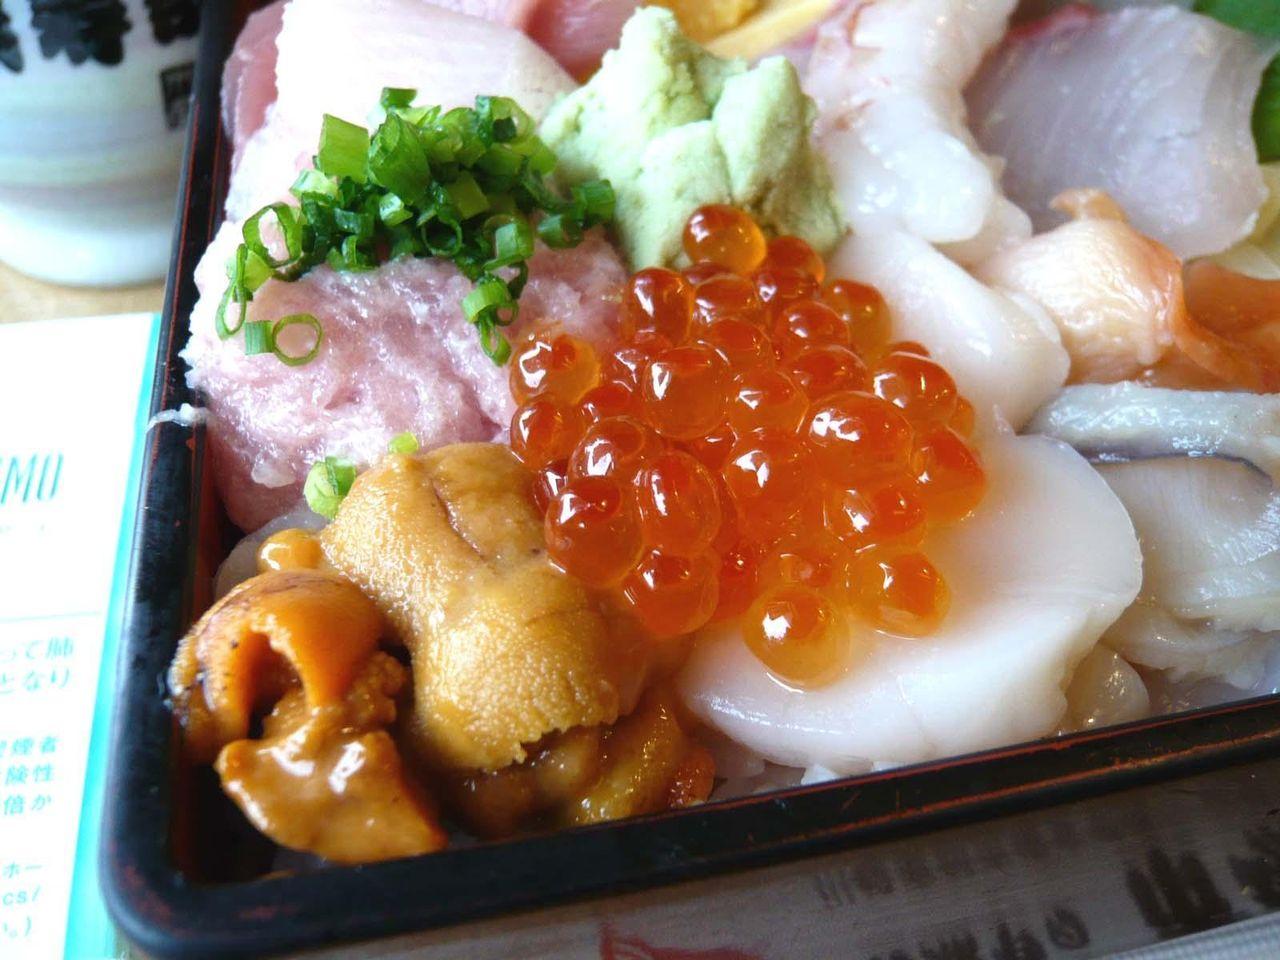 市場の寿司は、ネタも新鮮です!